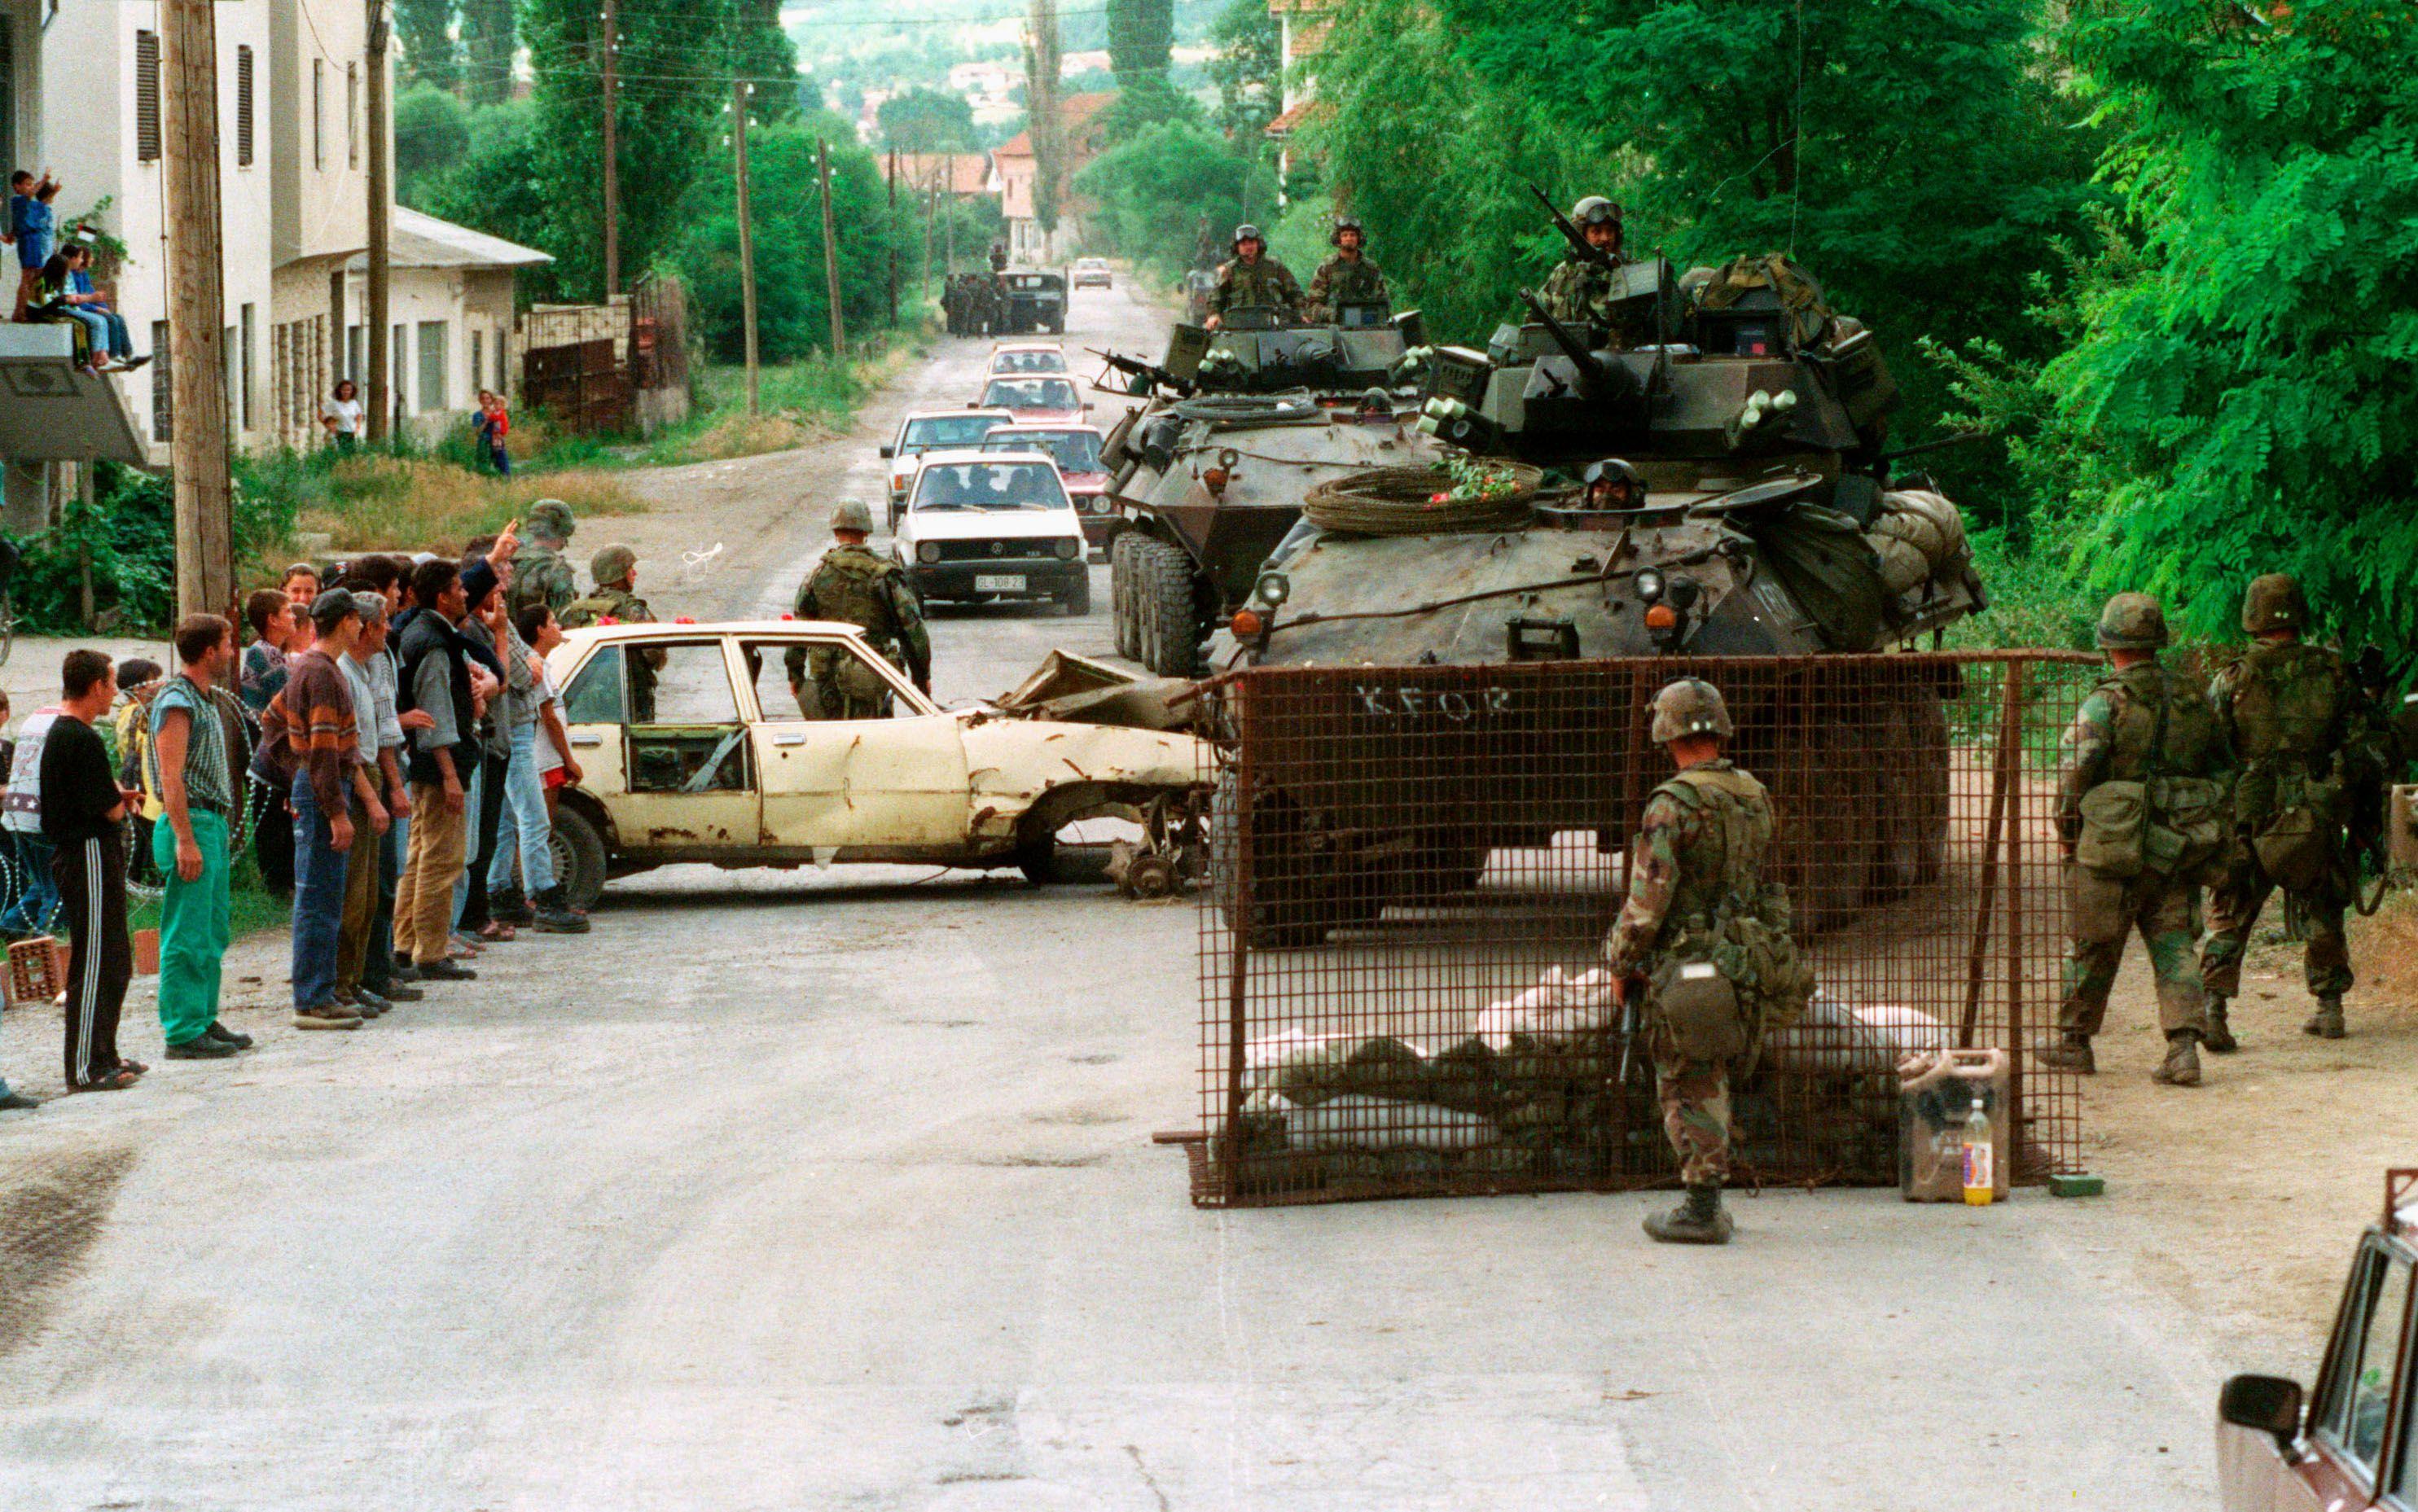 потом еще югославский кризис картинки корректировалось